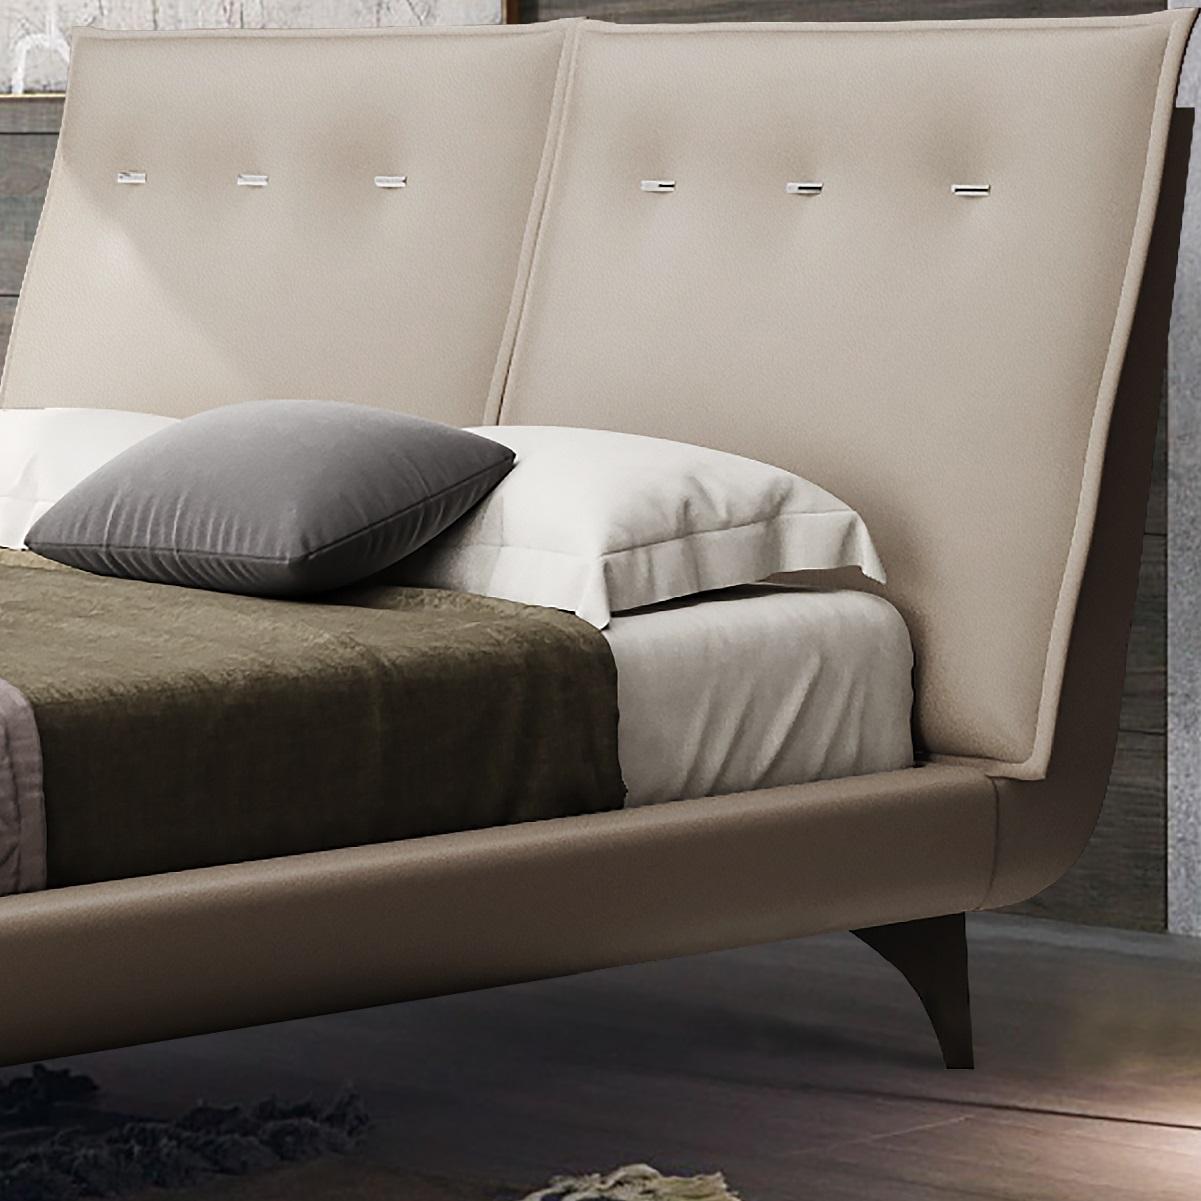 Купить Кровать Фьюджи Green Sofa николаев украина vamnado